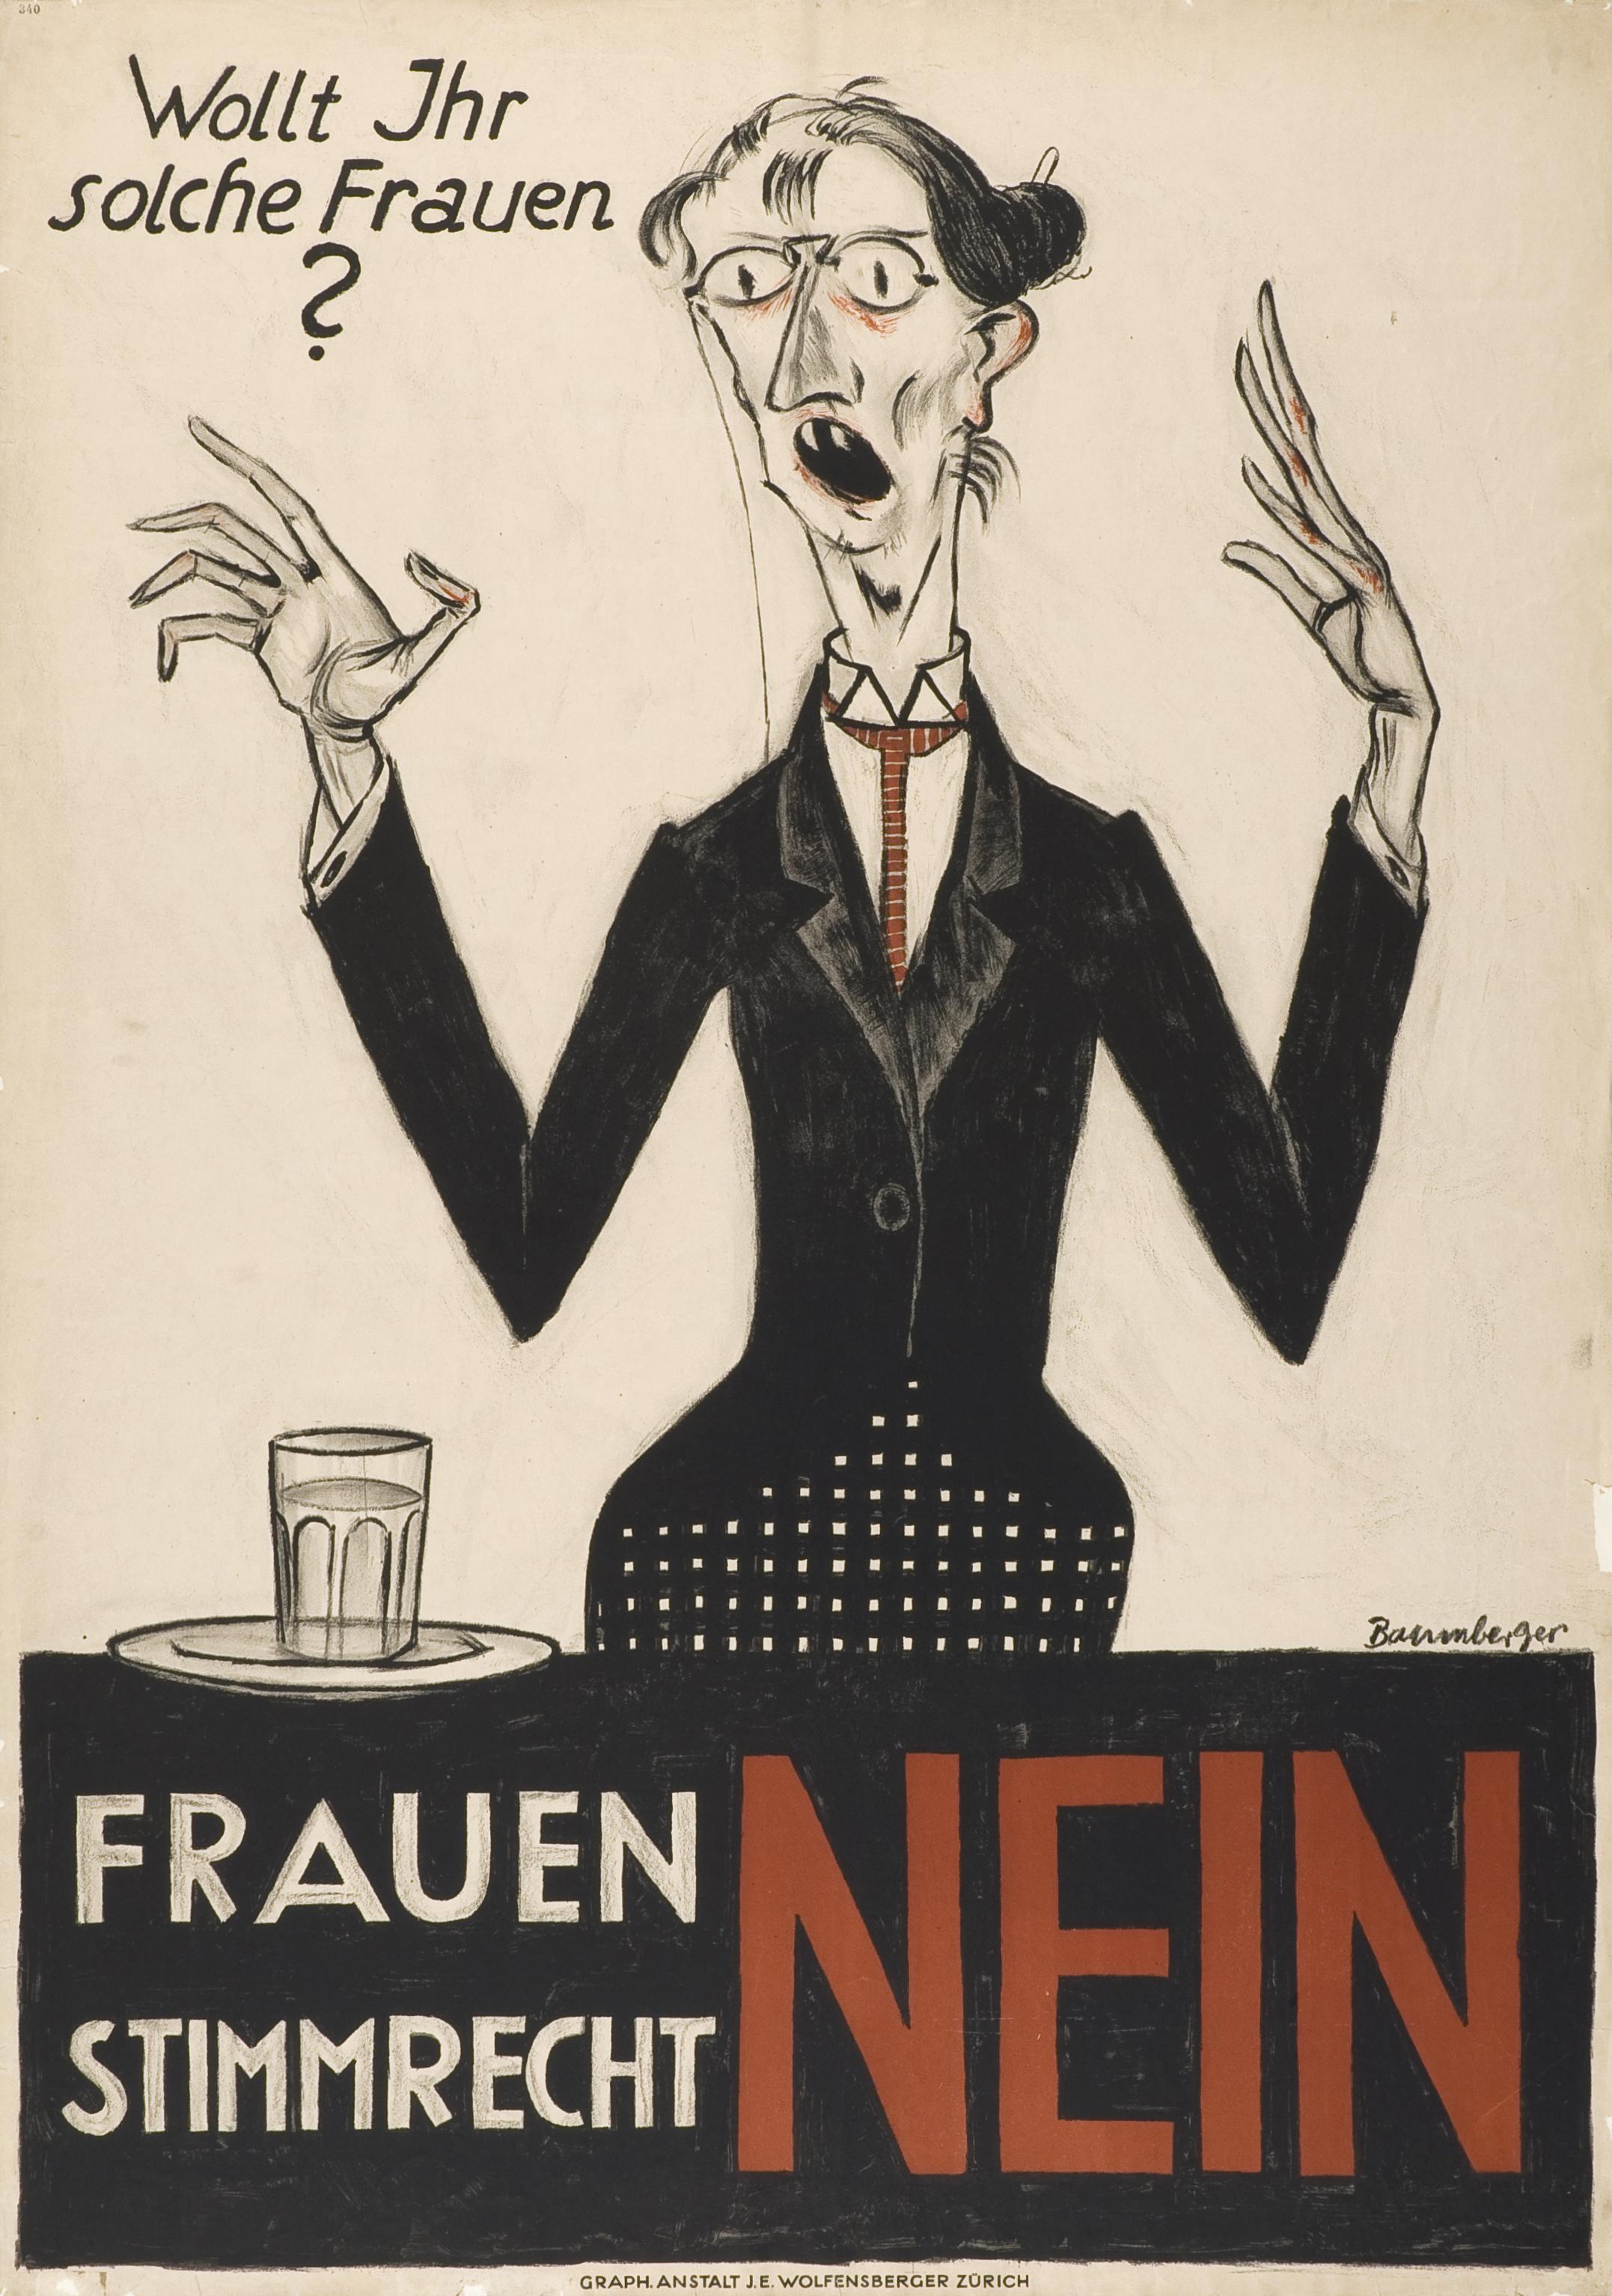 Wollt Ihr solche Frauen ? Frauenstimmrecht Nein (1920)